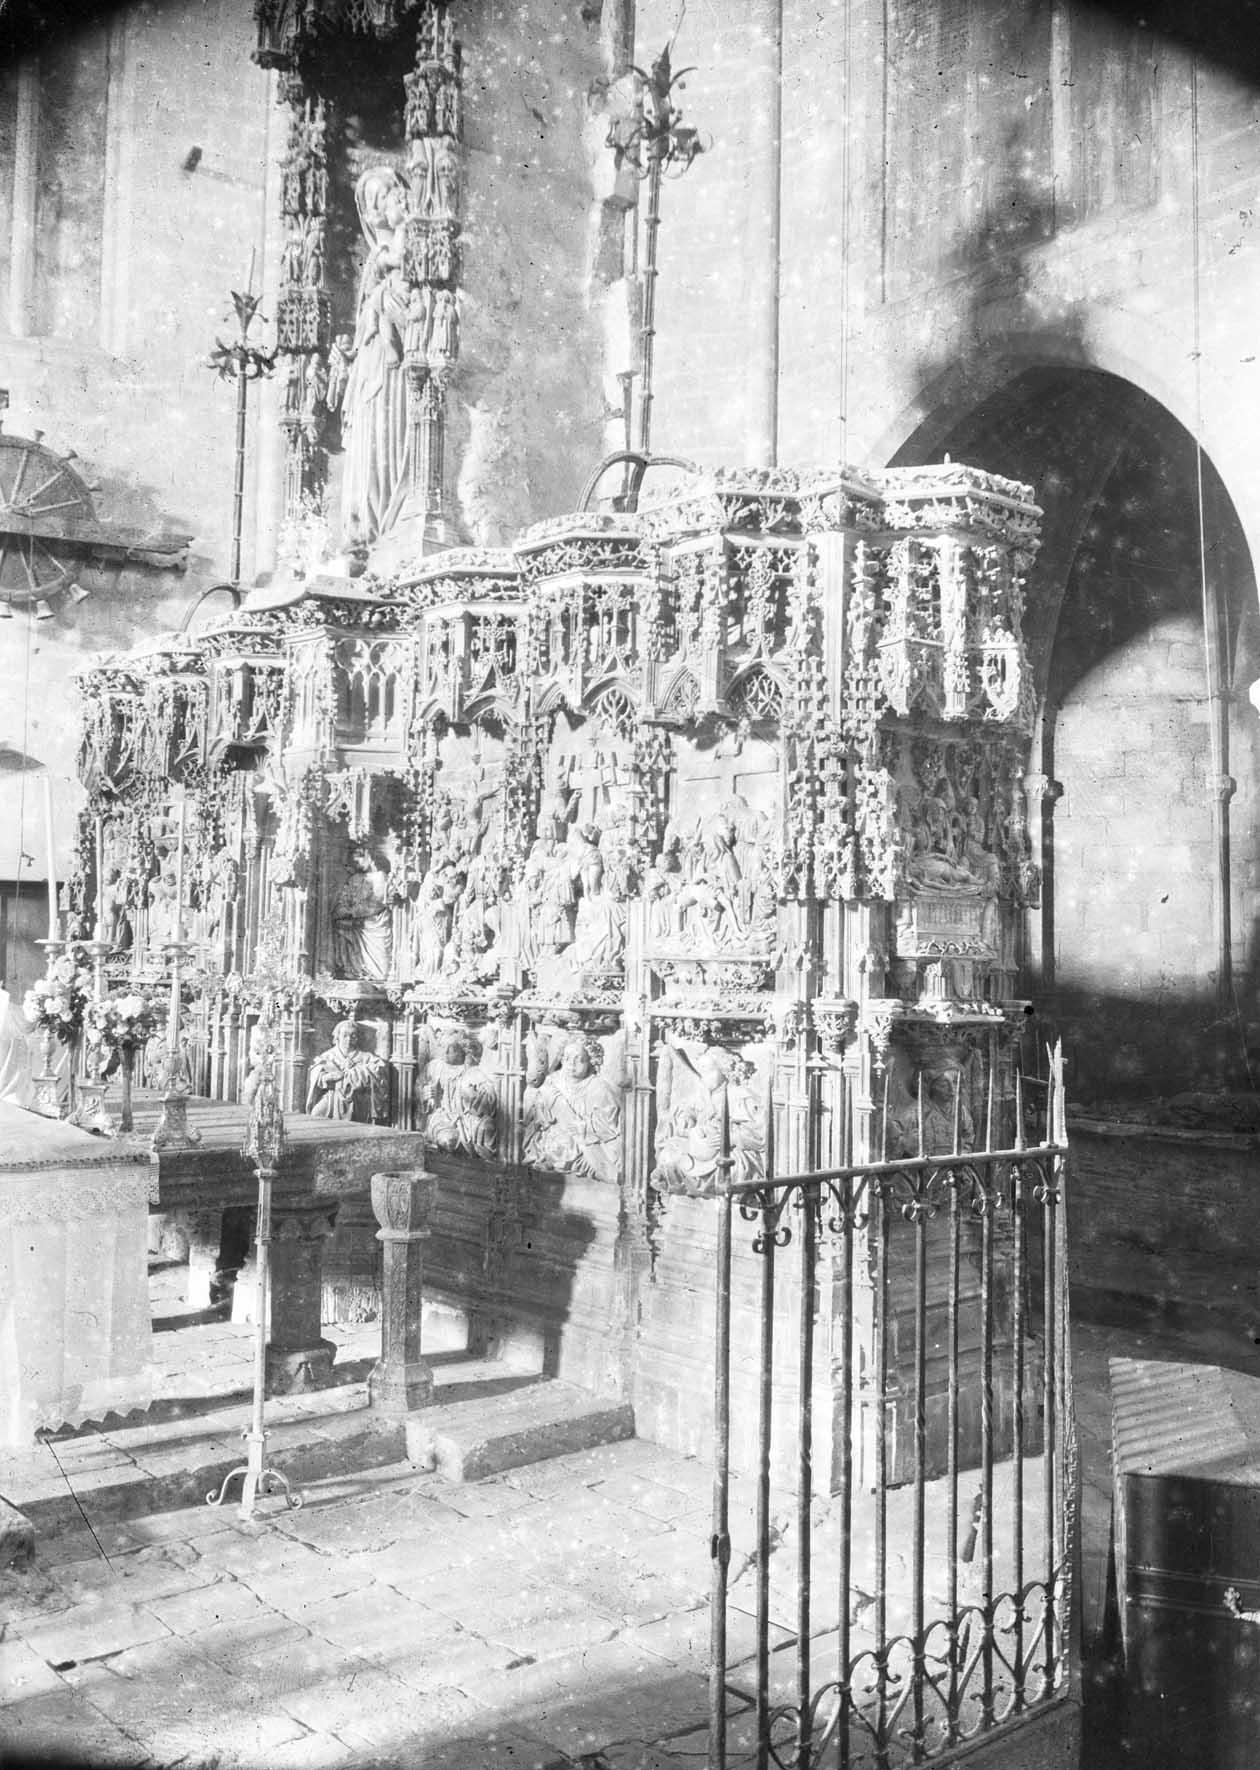 Vista lateral del retaule gòtic de l'altar major de la basílica de Santa Maria, a Castelló d'Empúries, entre els anys 1942 i 1944 (ACGAX. Fons Sadurní Brunet Pi. Autor: Sadurní Brunet)